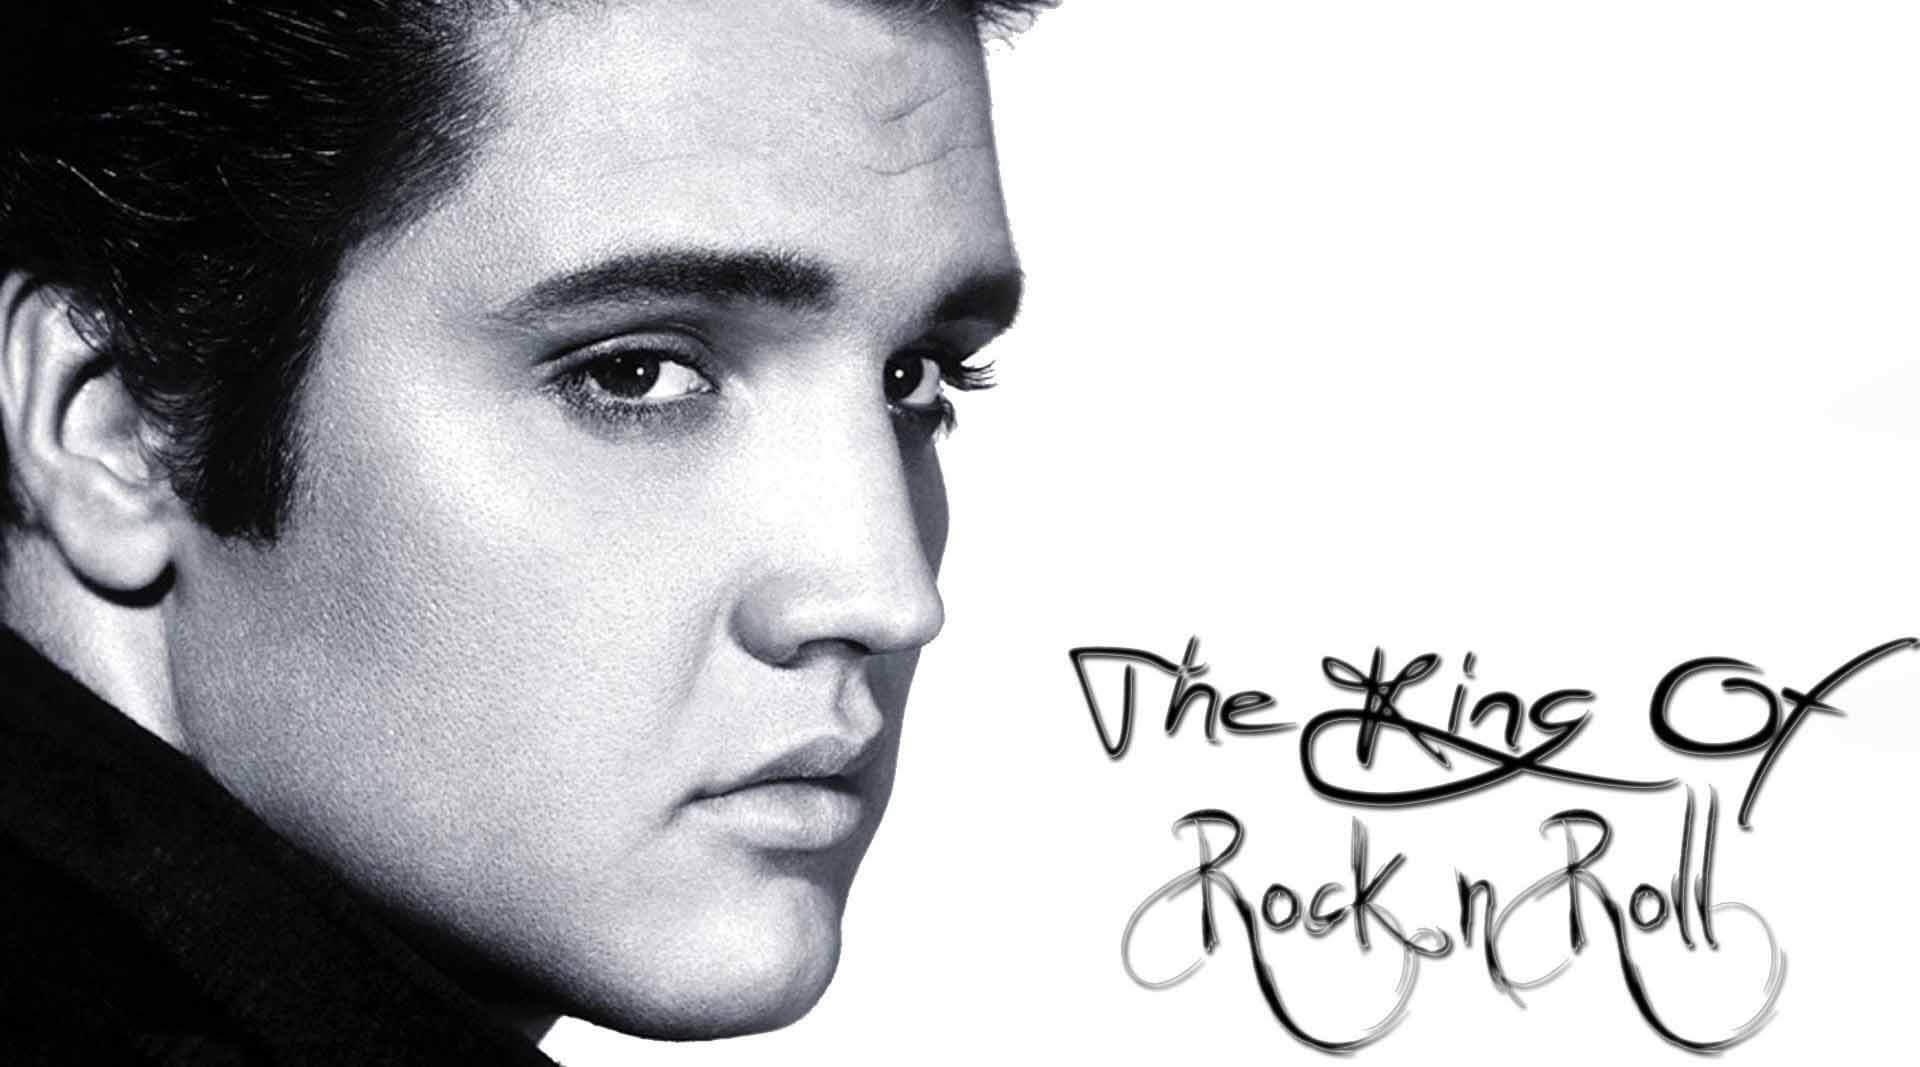 بیوگرافی الویس پریسلی سلطان راک اند رول Elvis Presley